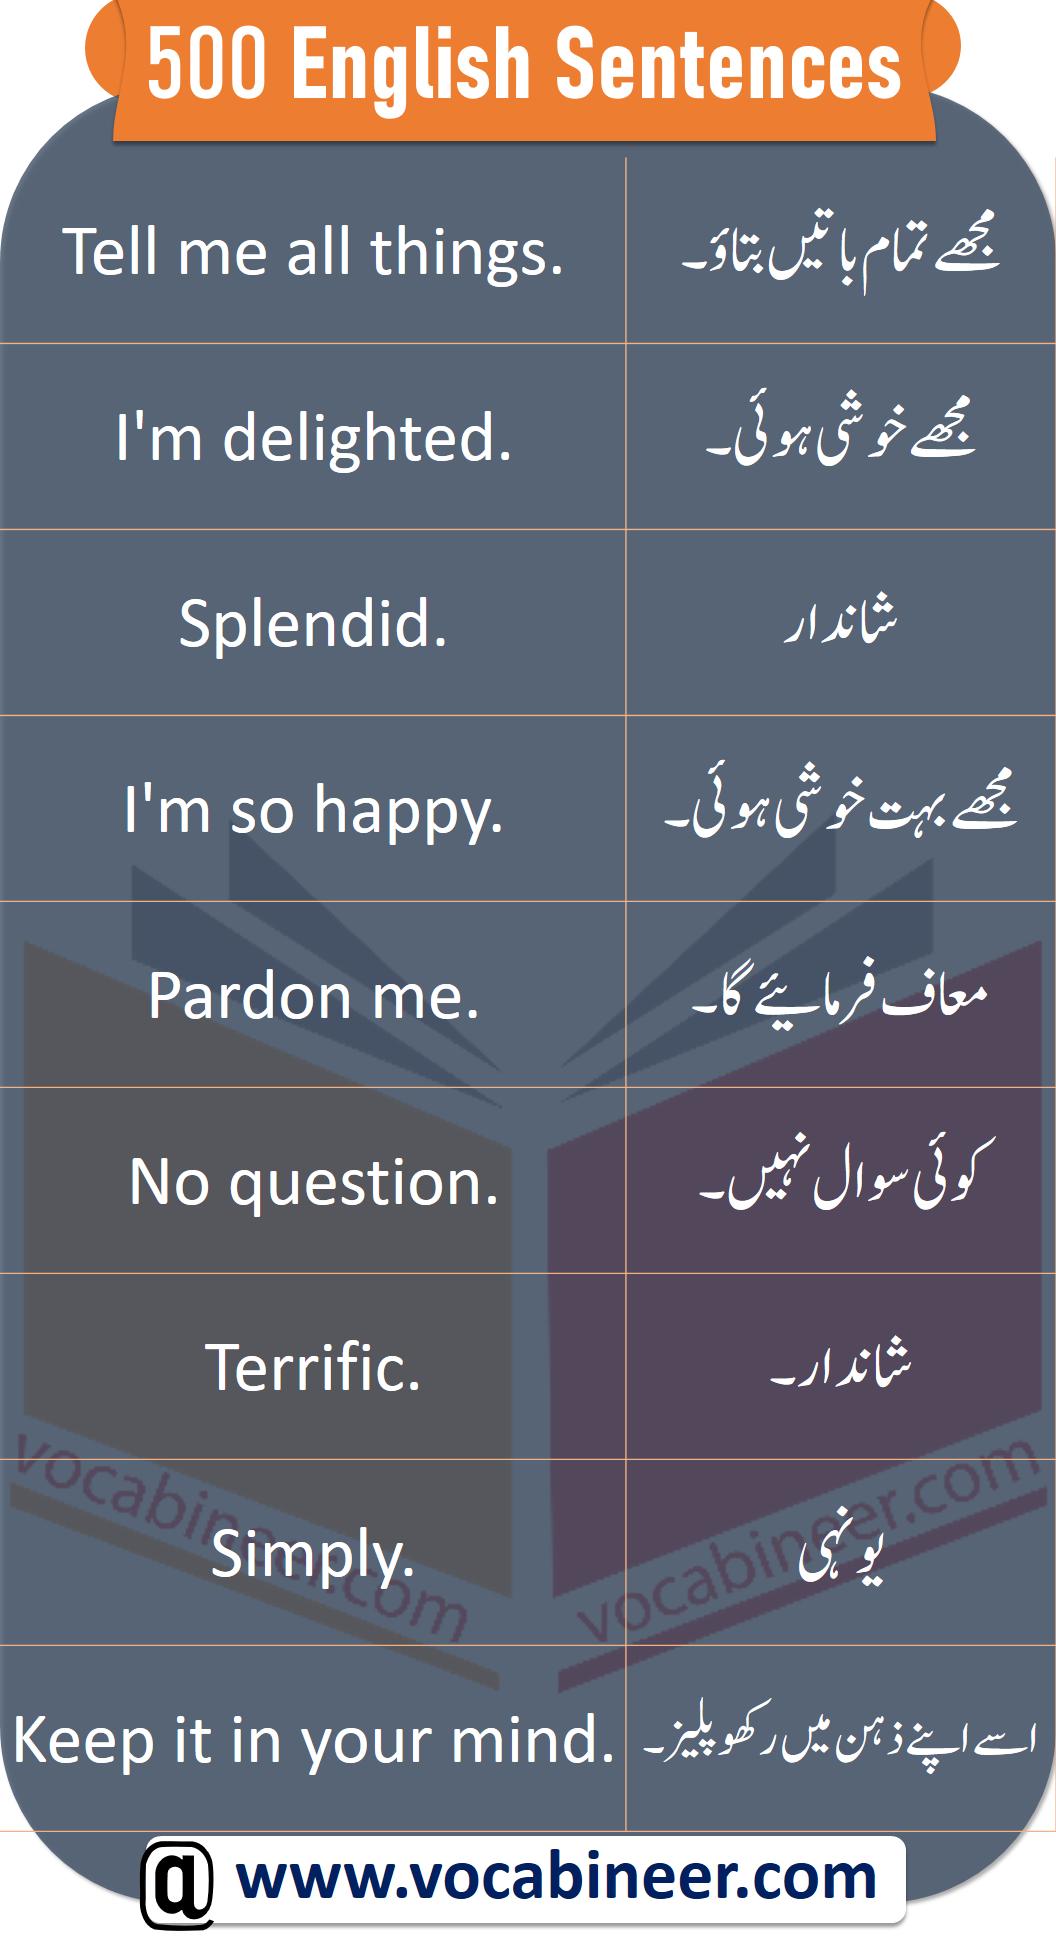 English Sentences With Urdu In 2020 English Vocabulary Words Learn English Words English Sentences